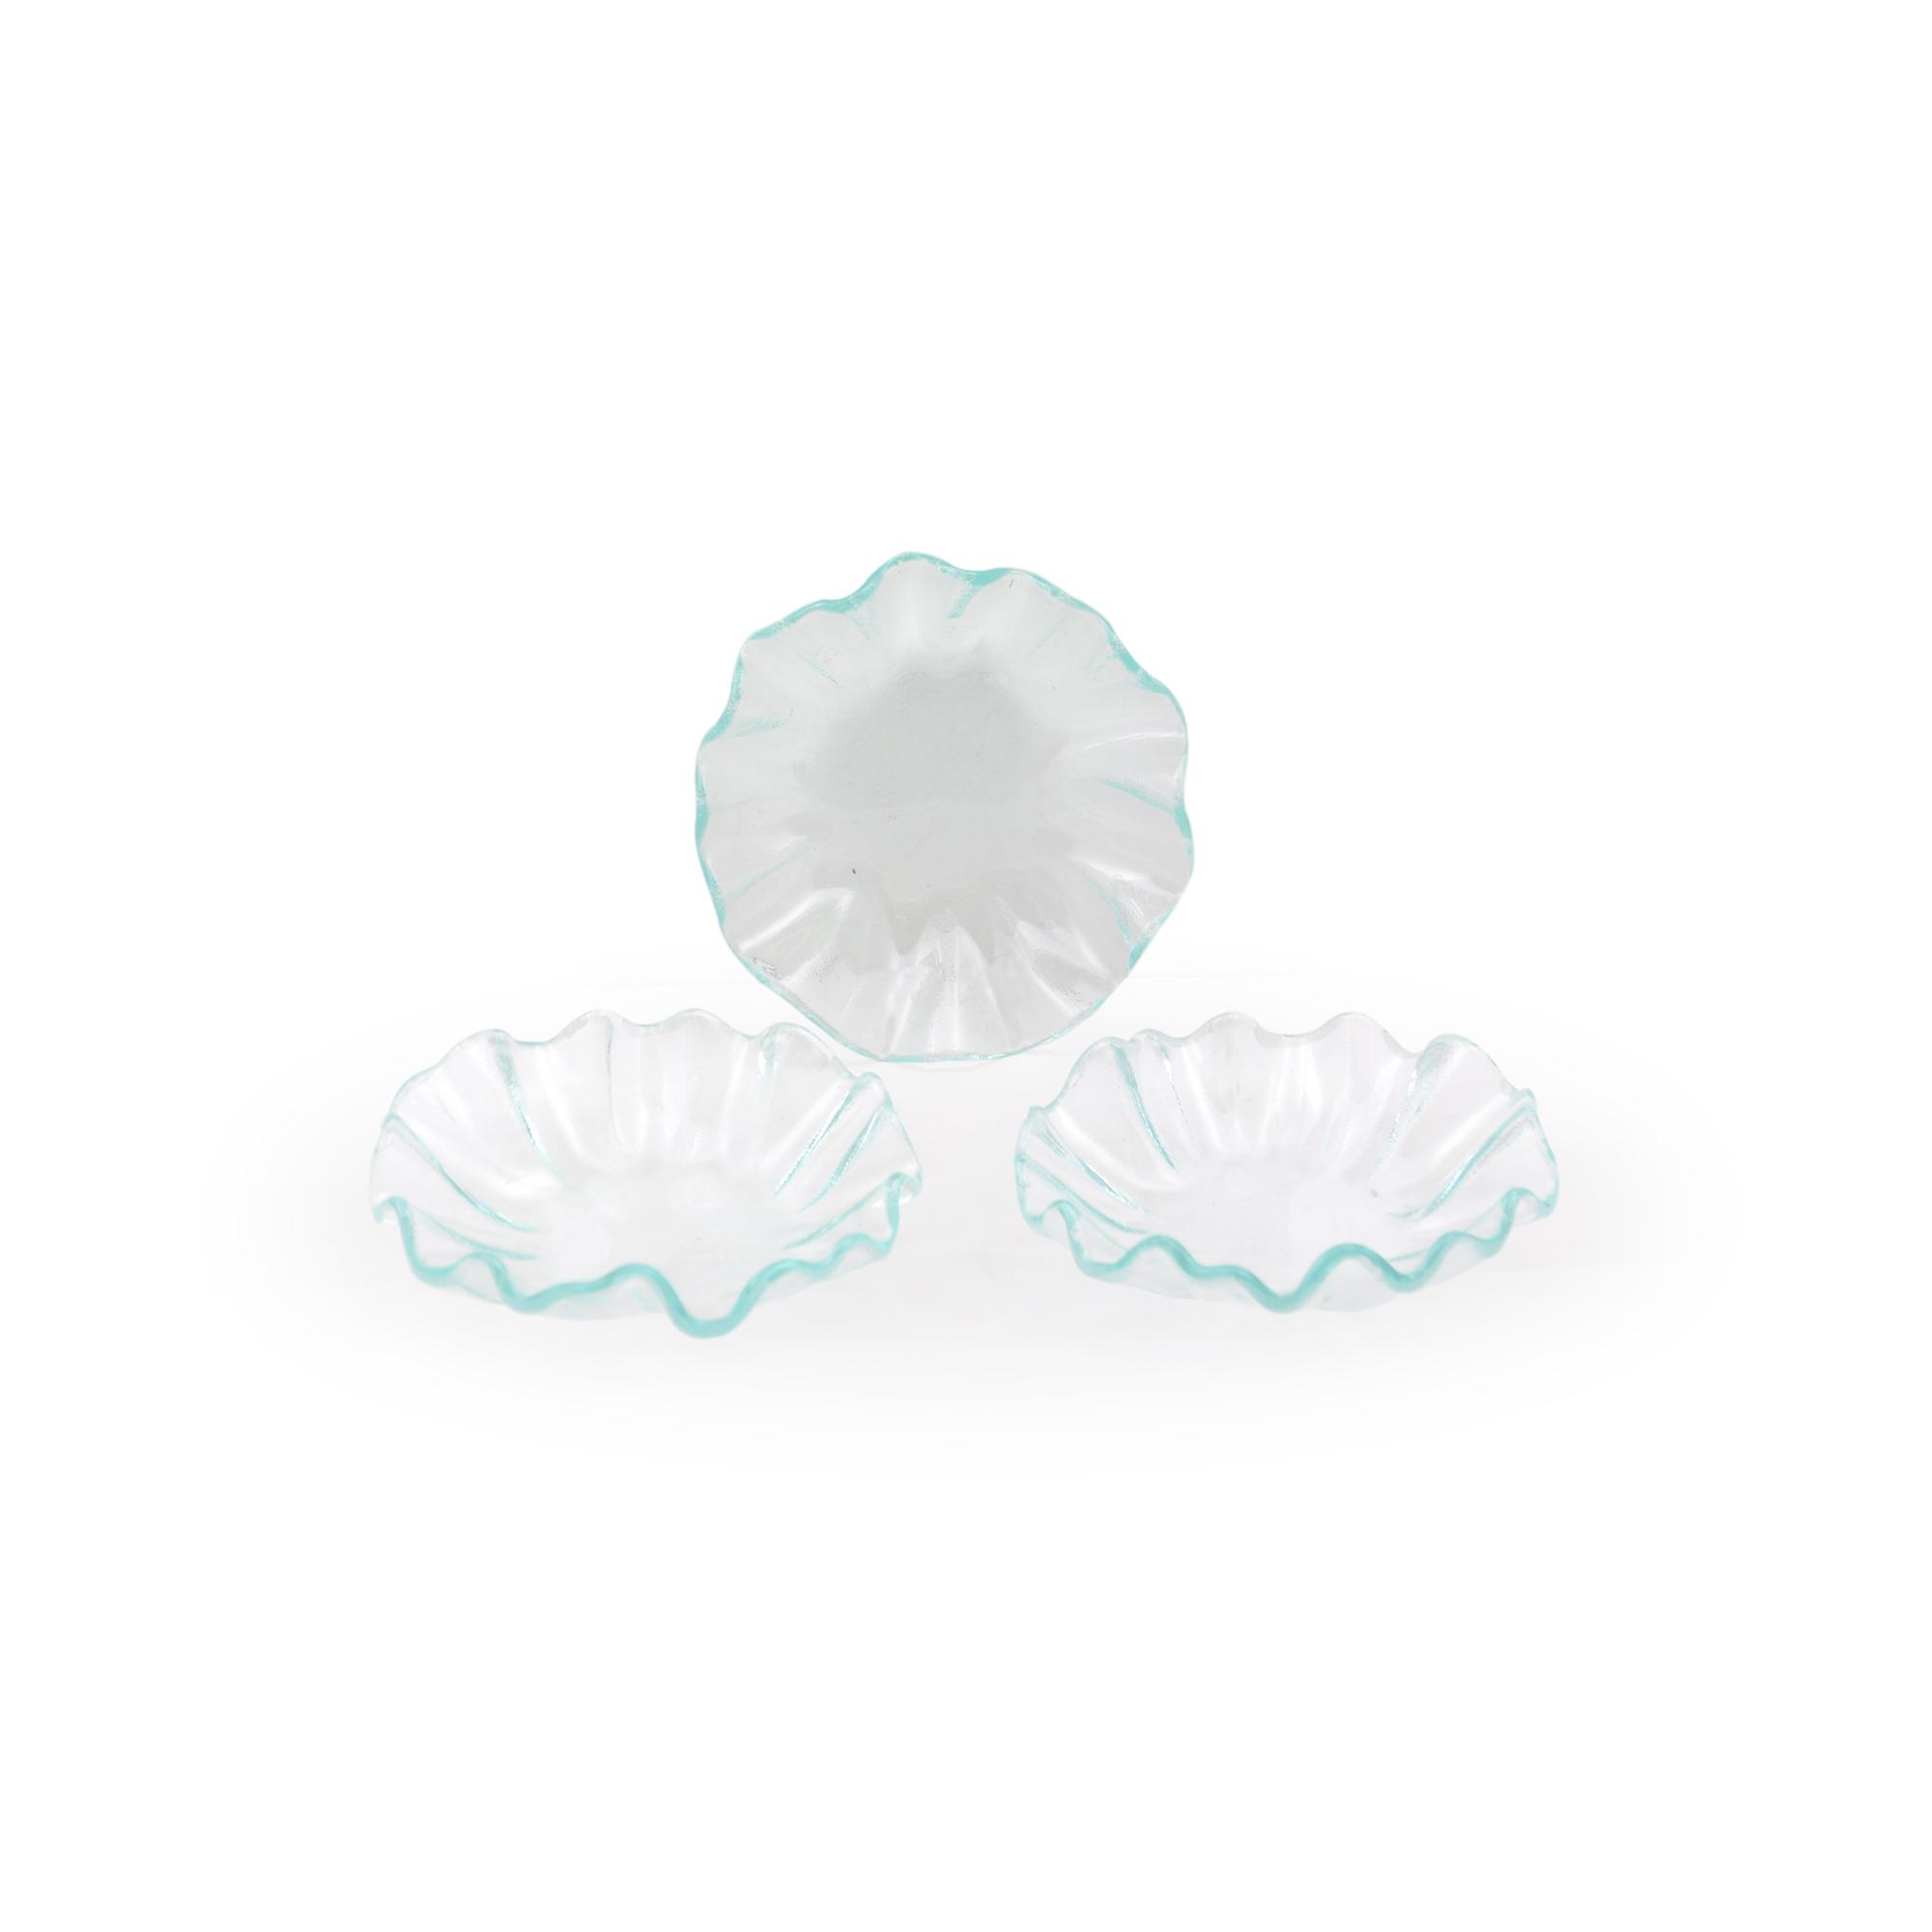 Conjunto 03 bowls pequeno de vidro transparente